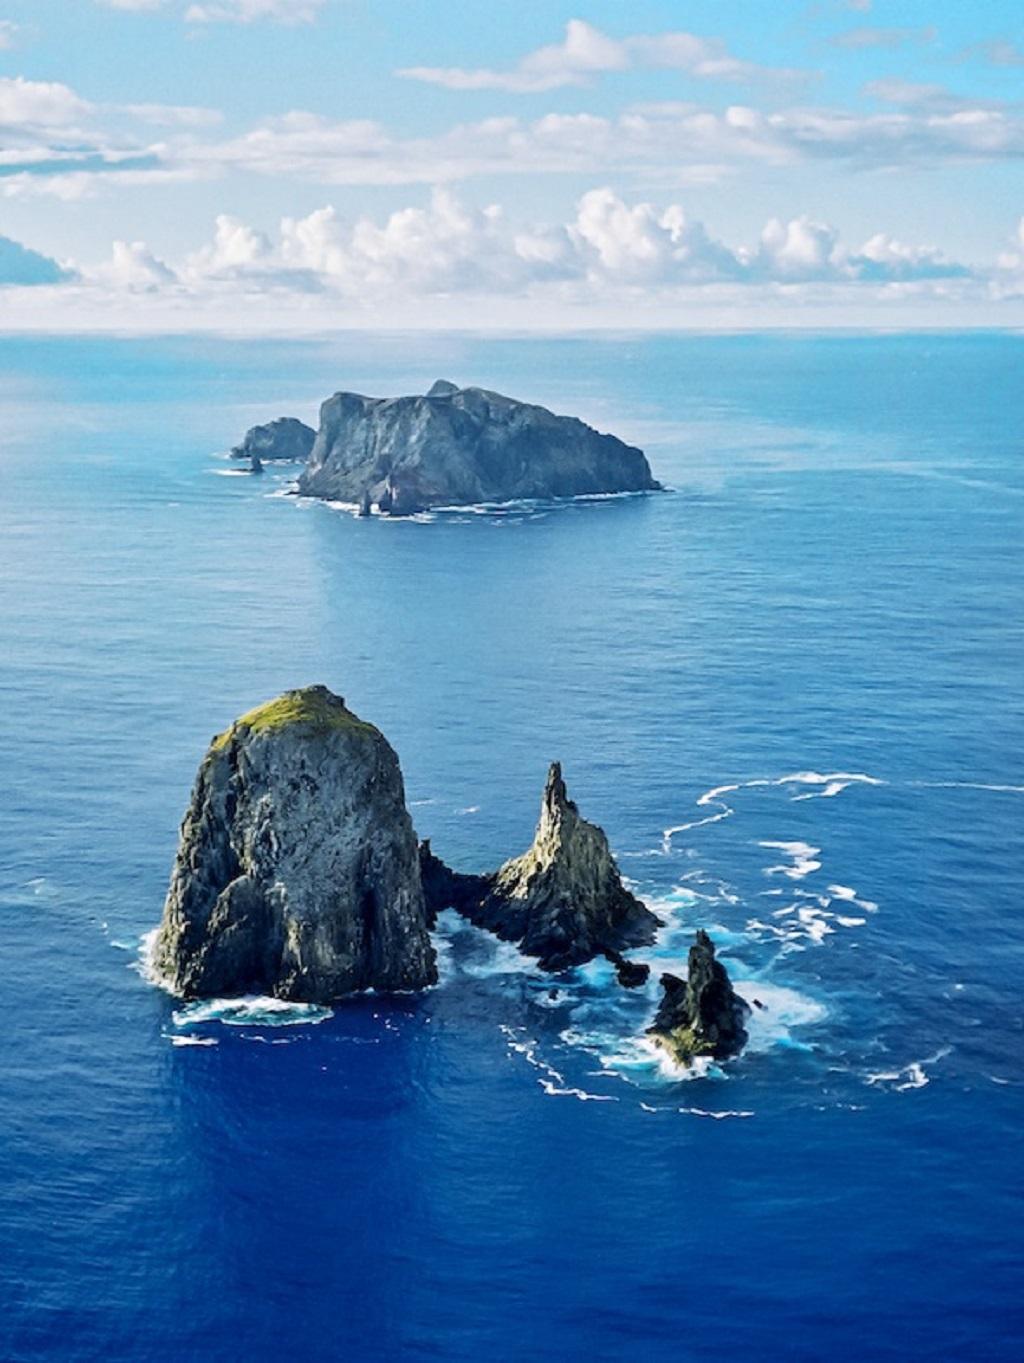 Arquipélago de Martin Vaz, as ilhas brasileiras mais distantes da costa e um dos locais estudados na pesquisa João Luiz Gasparini